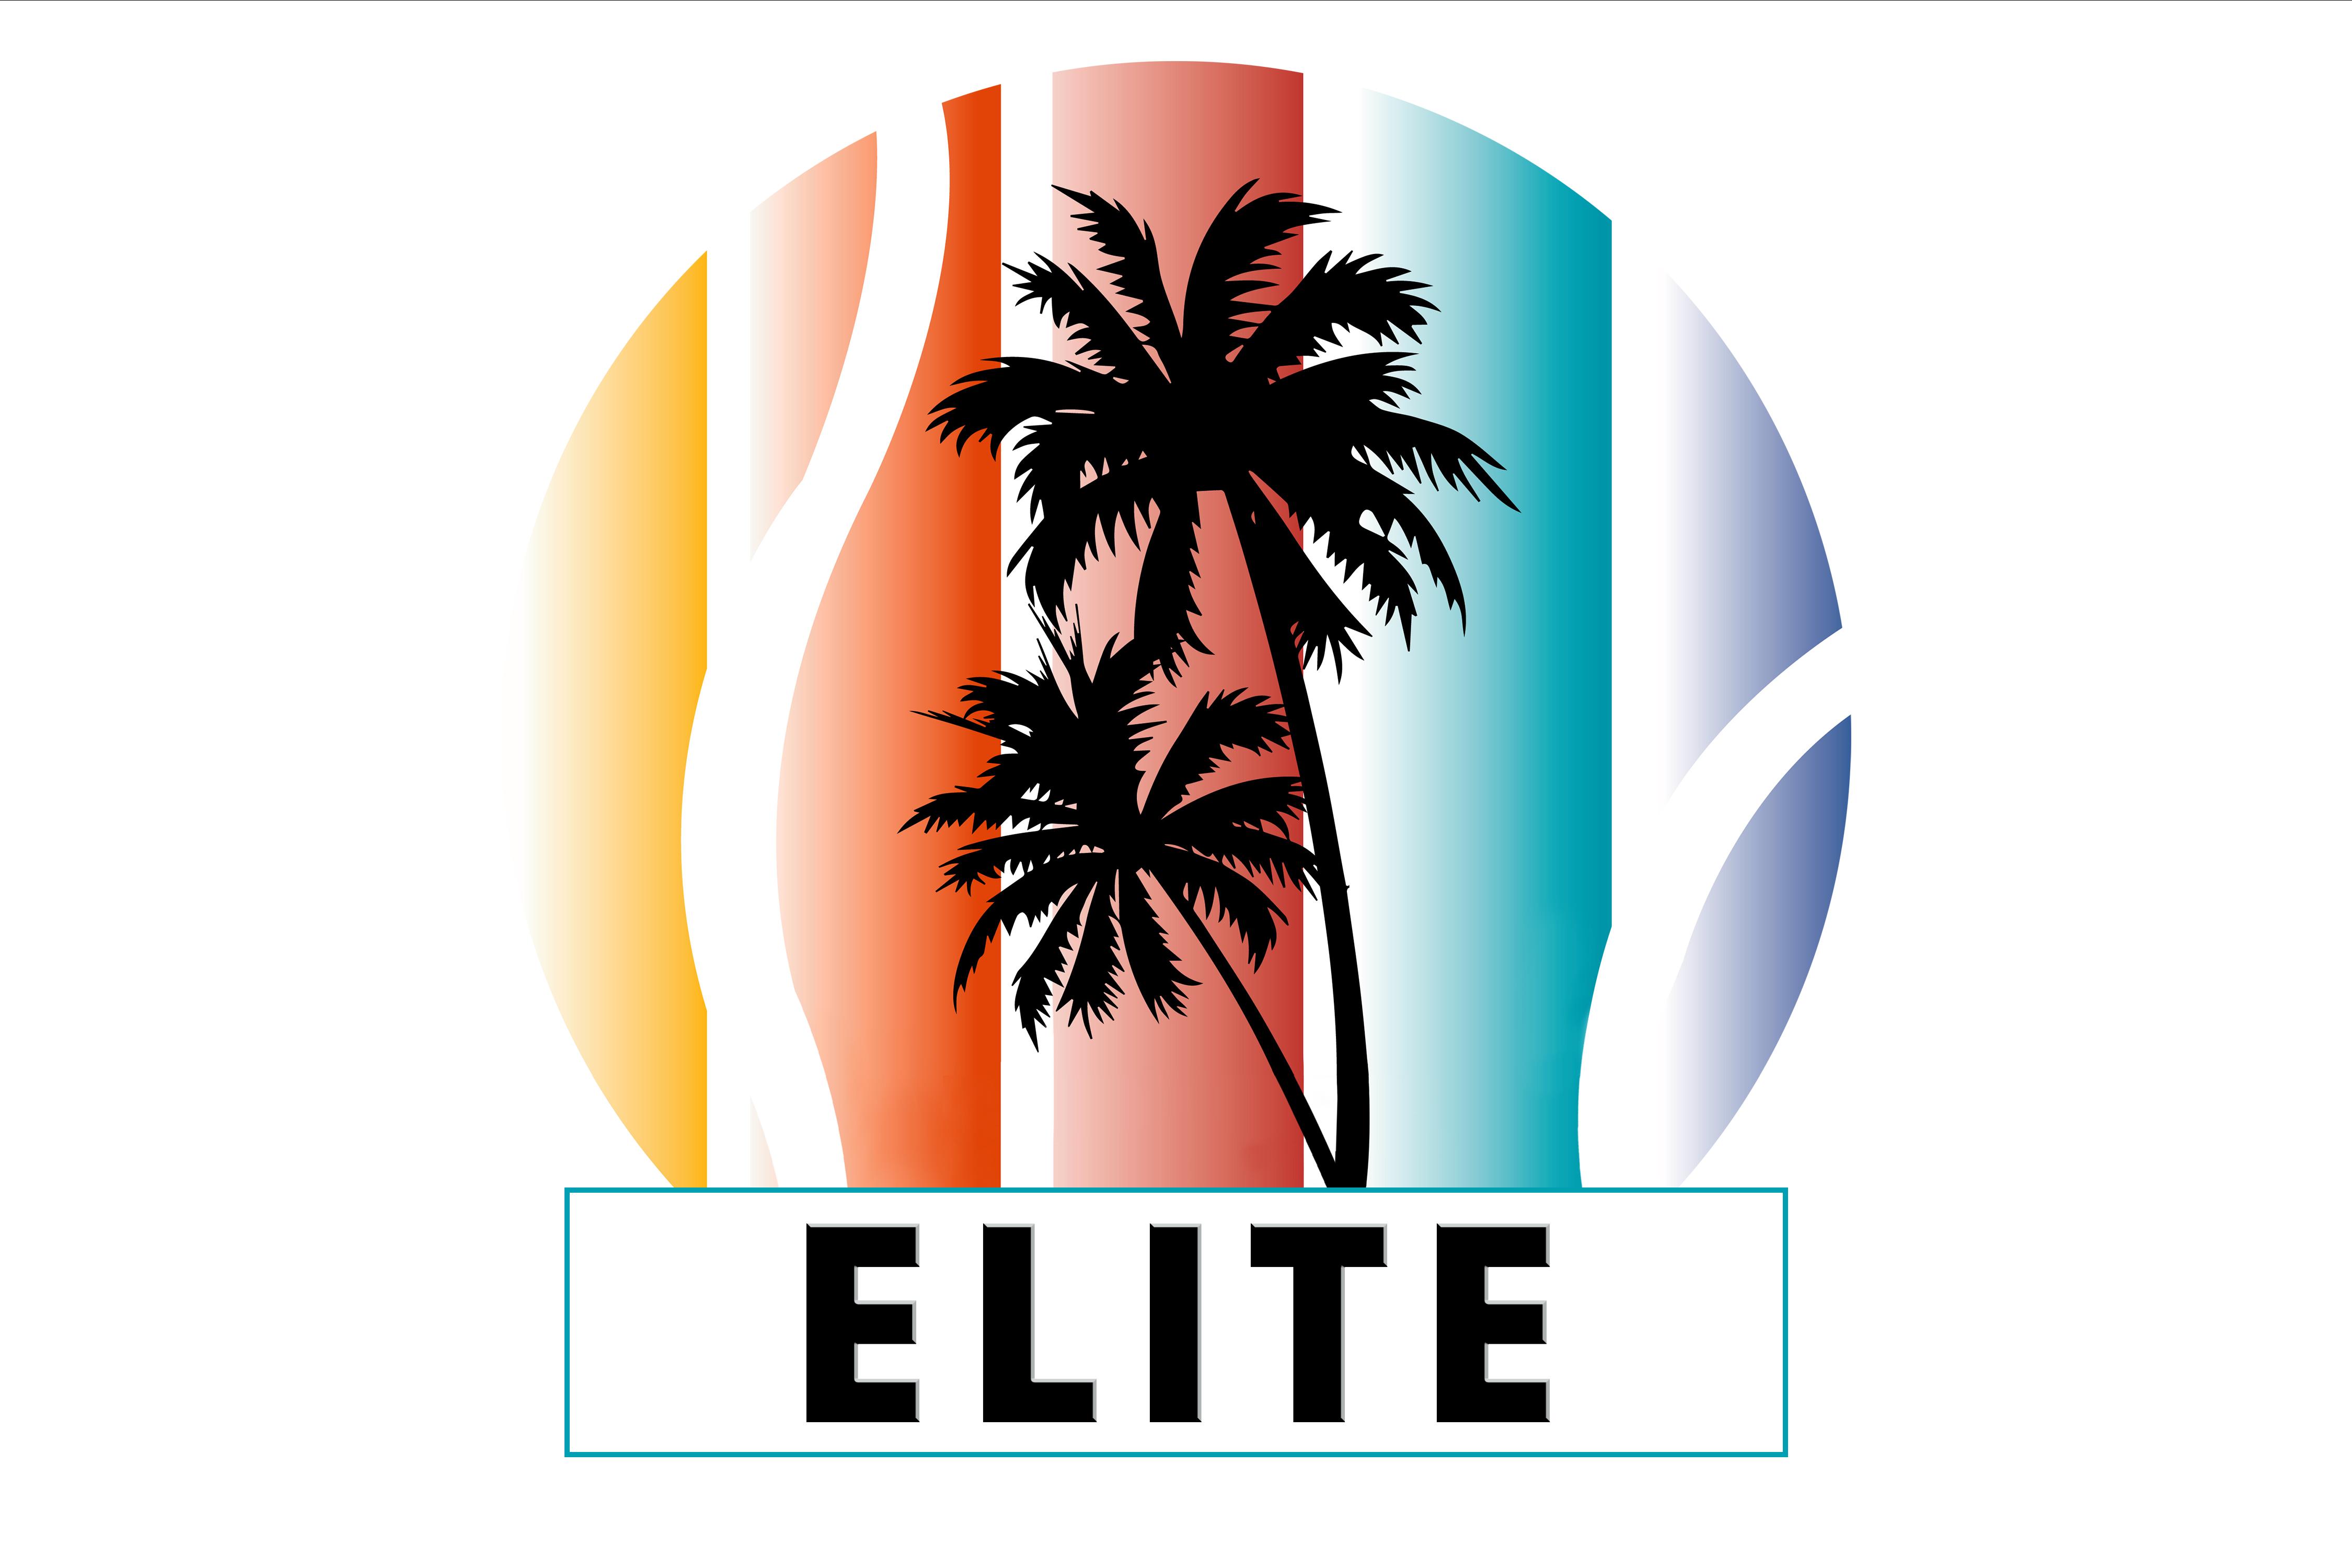 HP ELITE PROGRAM - JUL 2021